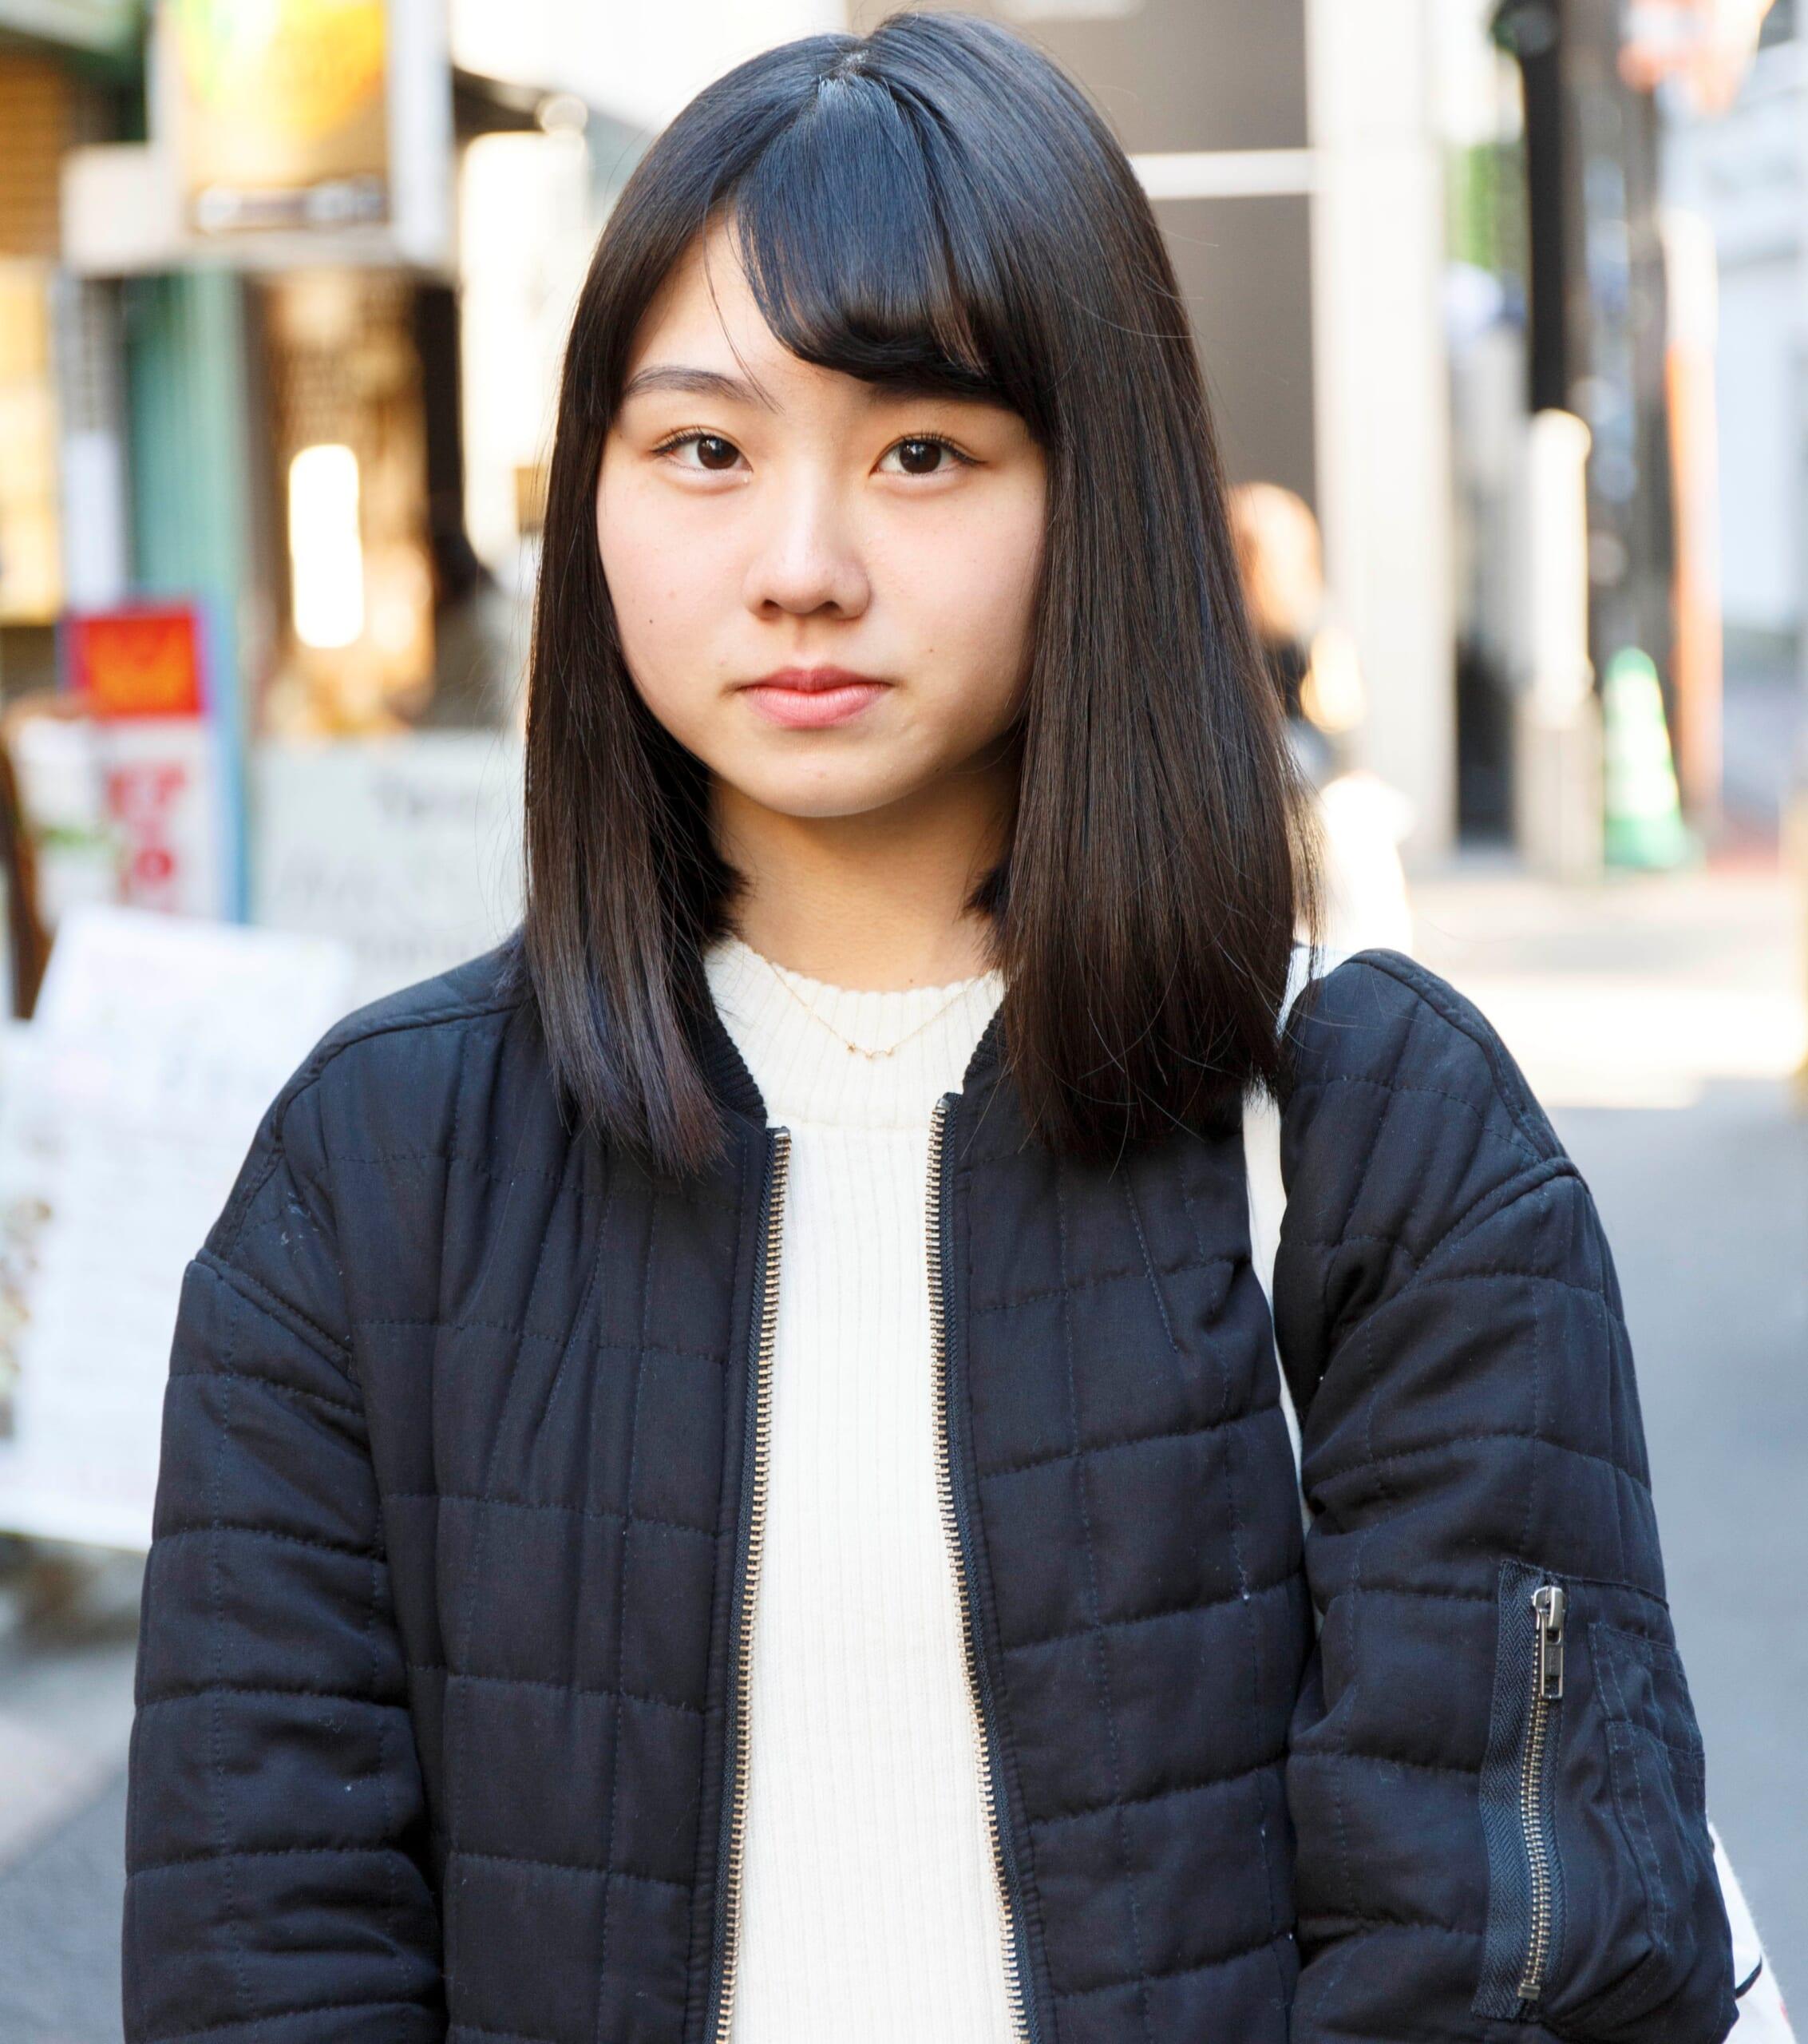 【女子SNAP】SJ美女図鑑<br />都会感と幼さが入り交じった透明感娘<br />中山 聖さん